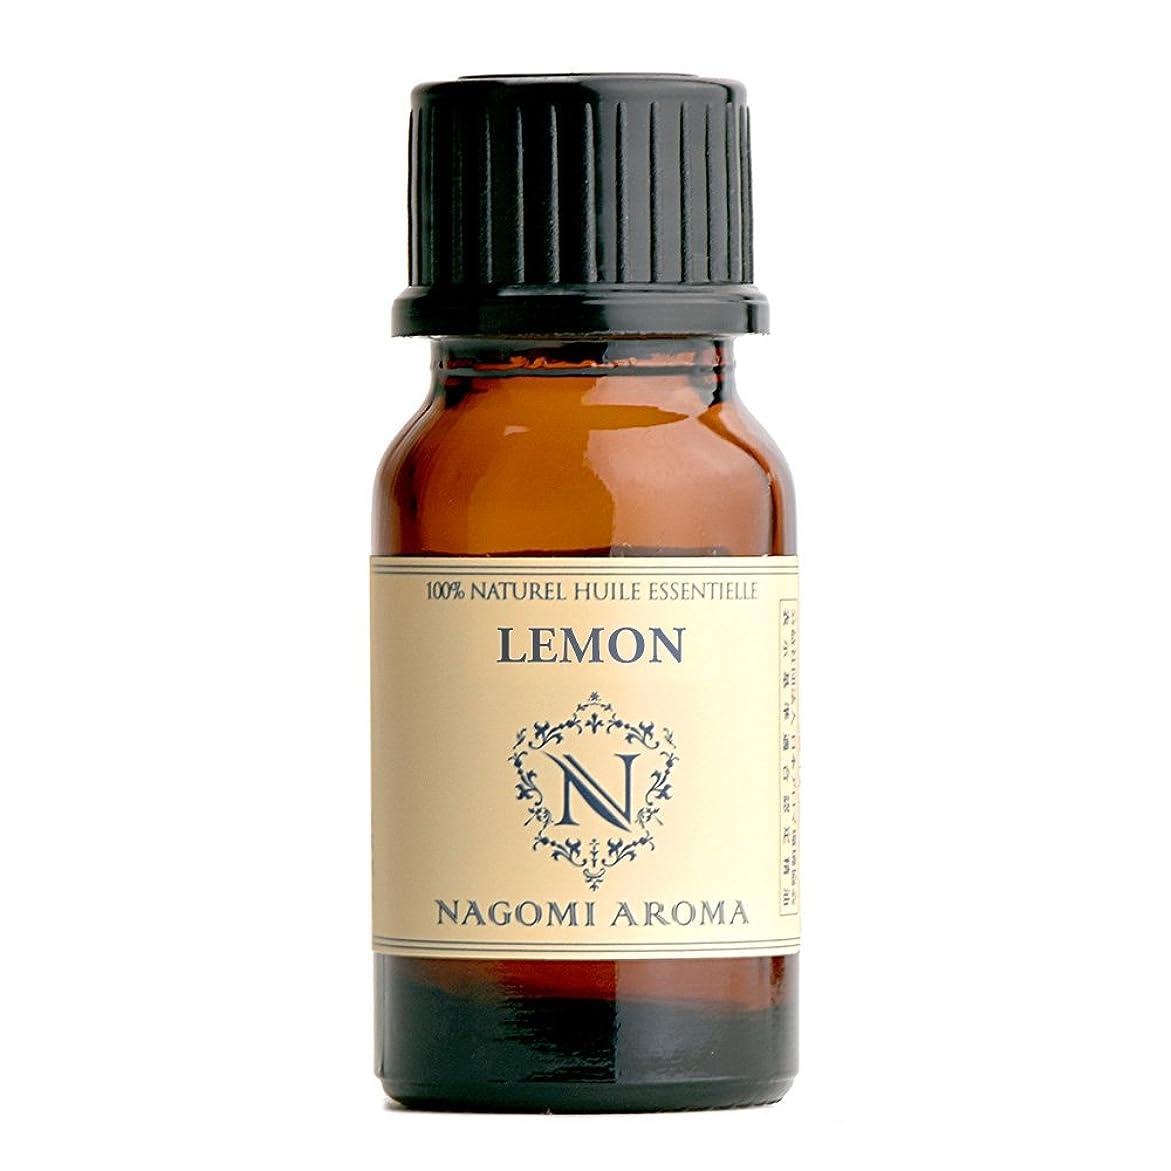 付添人系統的立ち向かうNAGOMI AROMA レモン 10ml 【AEAJ認定精油】【アロマオイル】